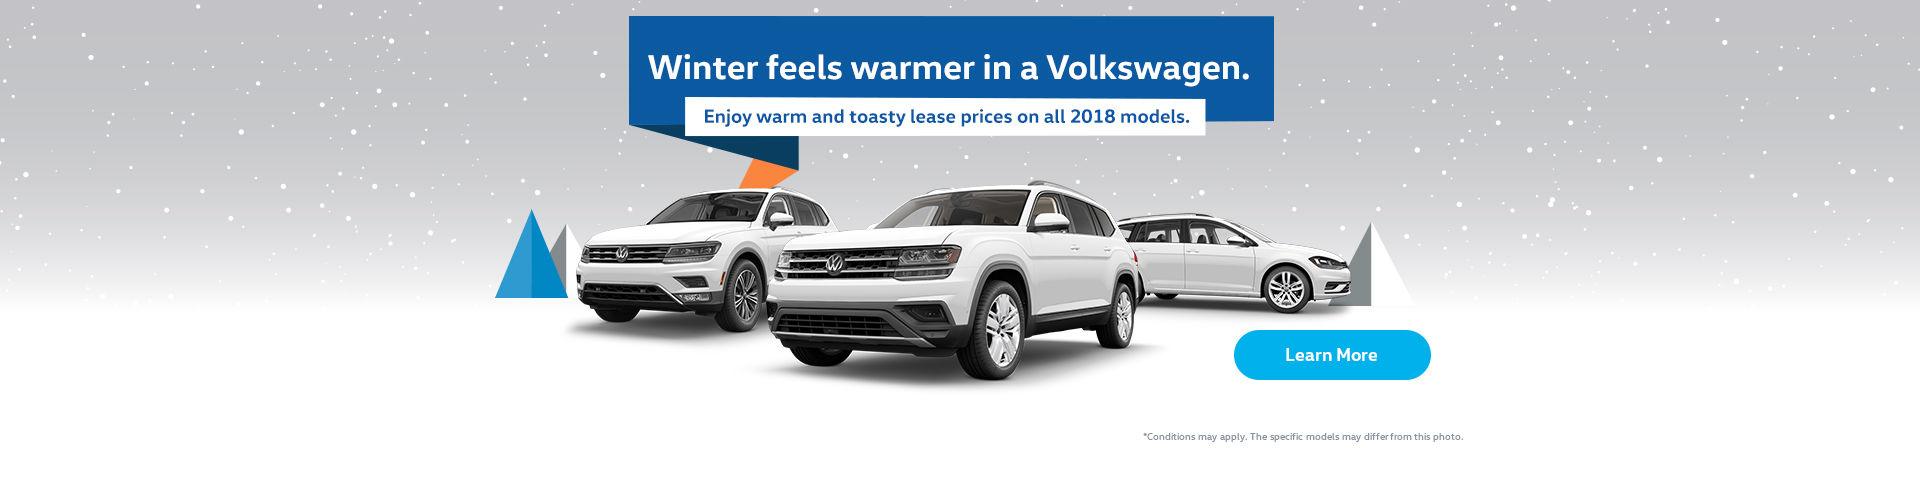 Winter feels warmer in a Volkswagen